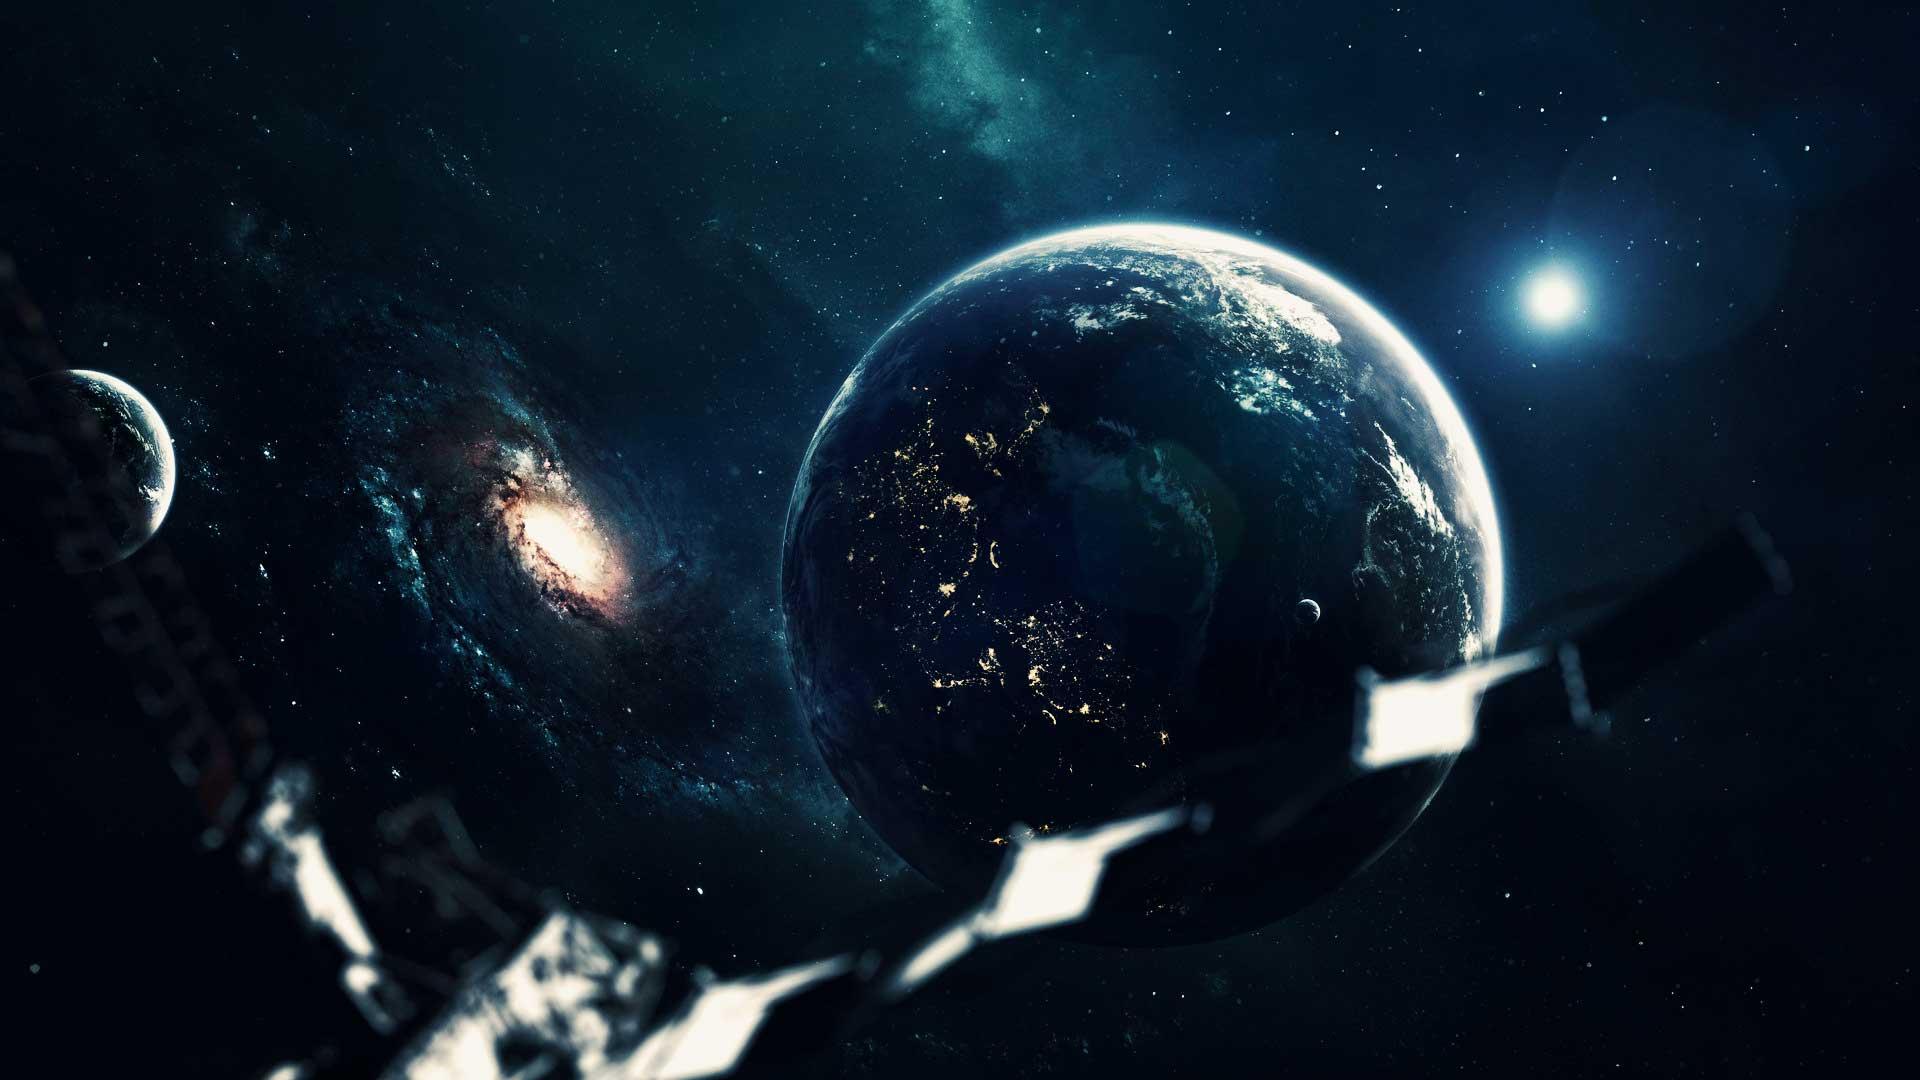 46/p Wirtanen, el gran cometa que pasará muy cerca de la Tierra poco antes de Navidad